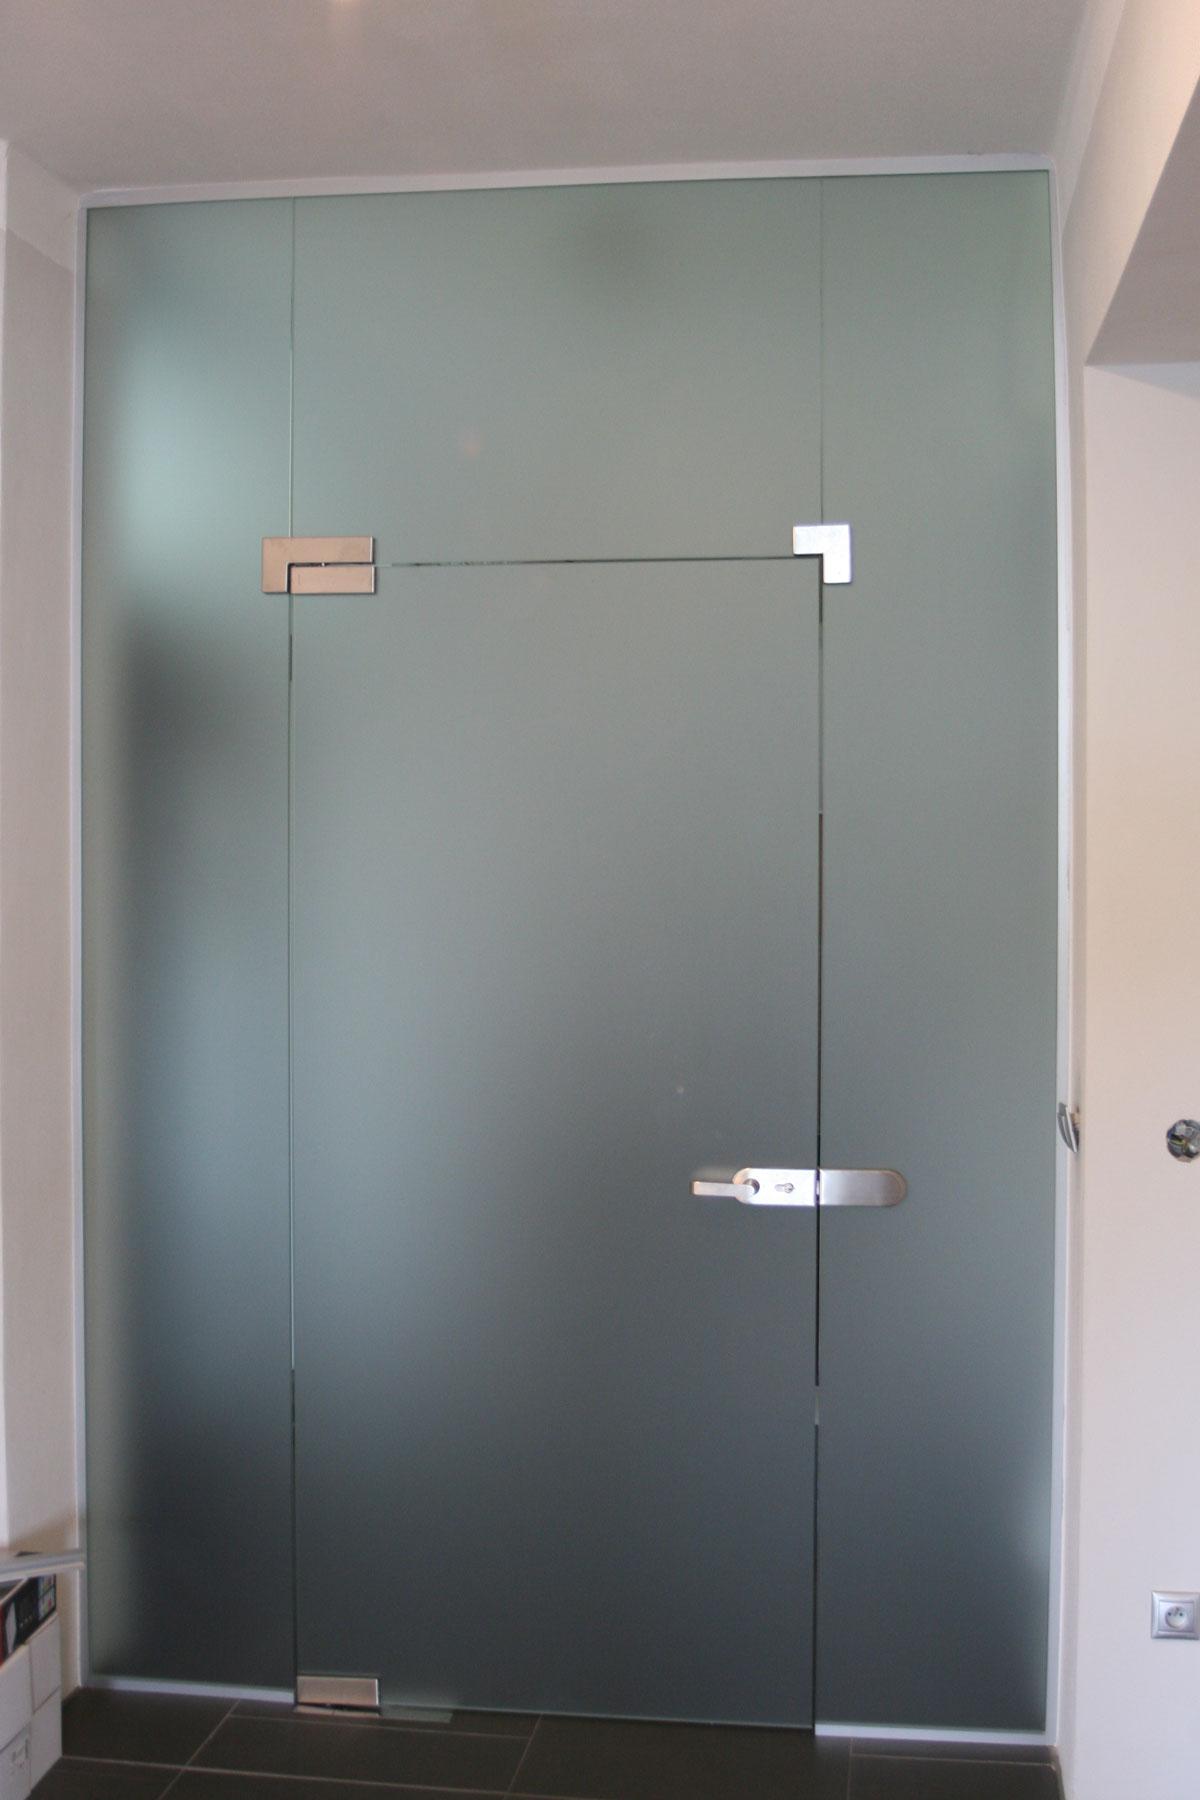 Sklenarstvi-Prerost-sklenene- steny-a-dvere (59)